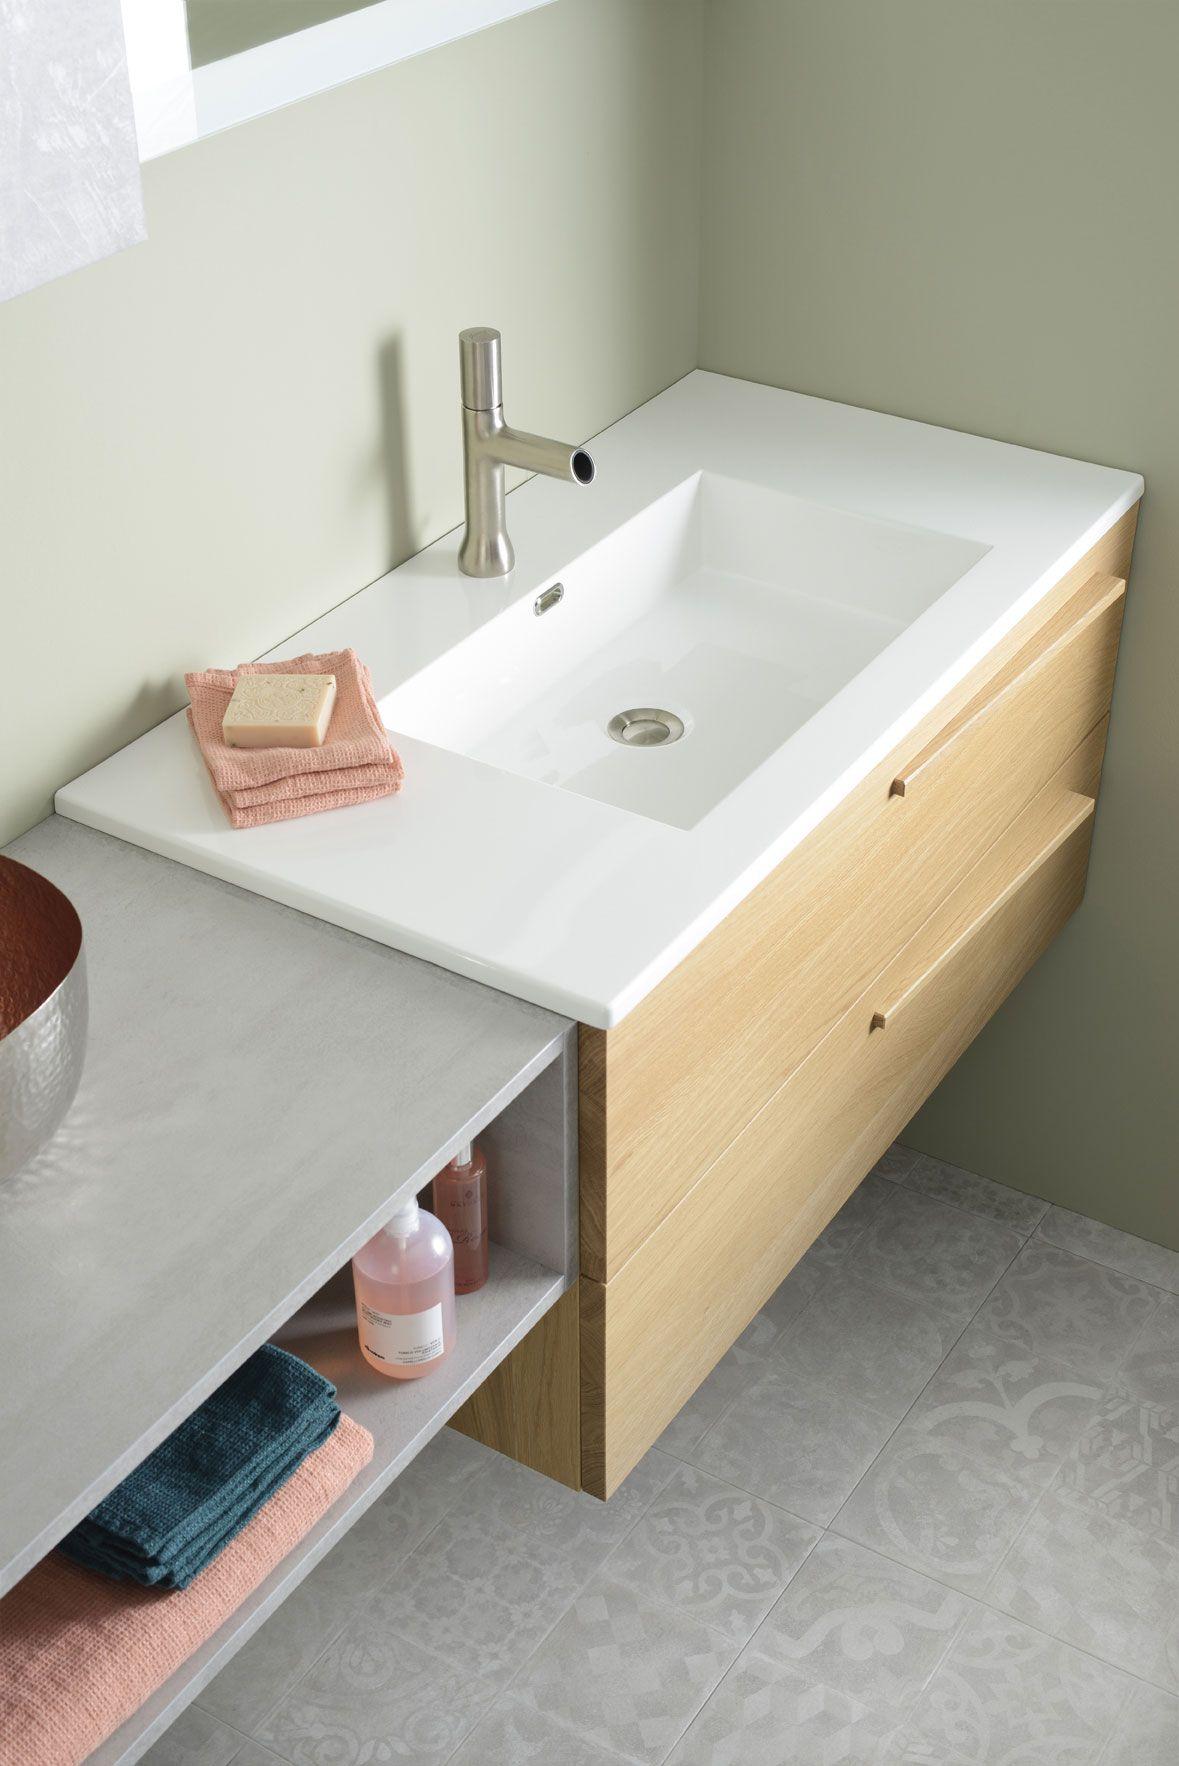 Salle De Bain Halo meuble salle de bains tendance - halo de sanijura : plus de